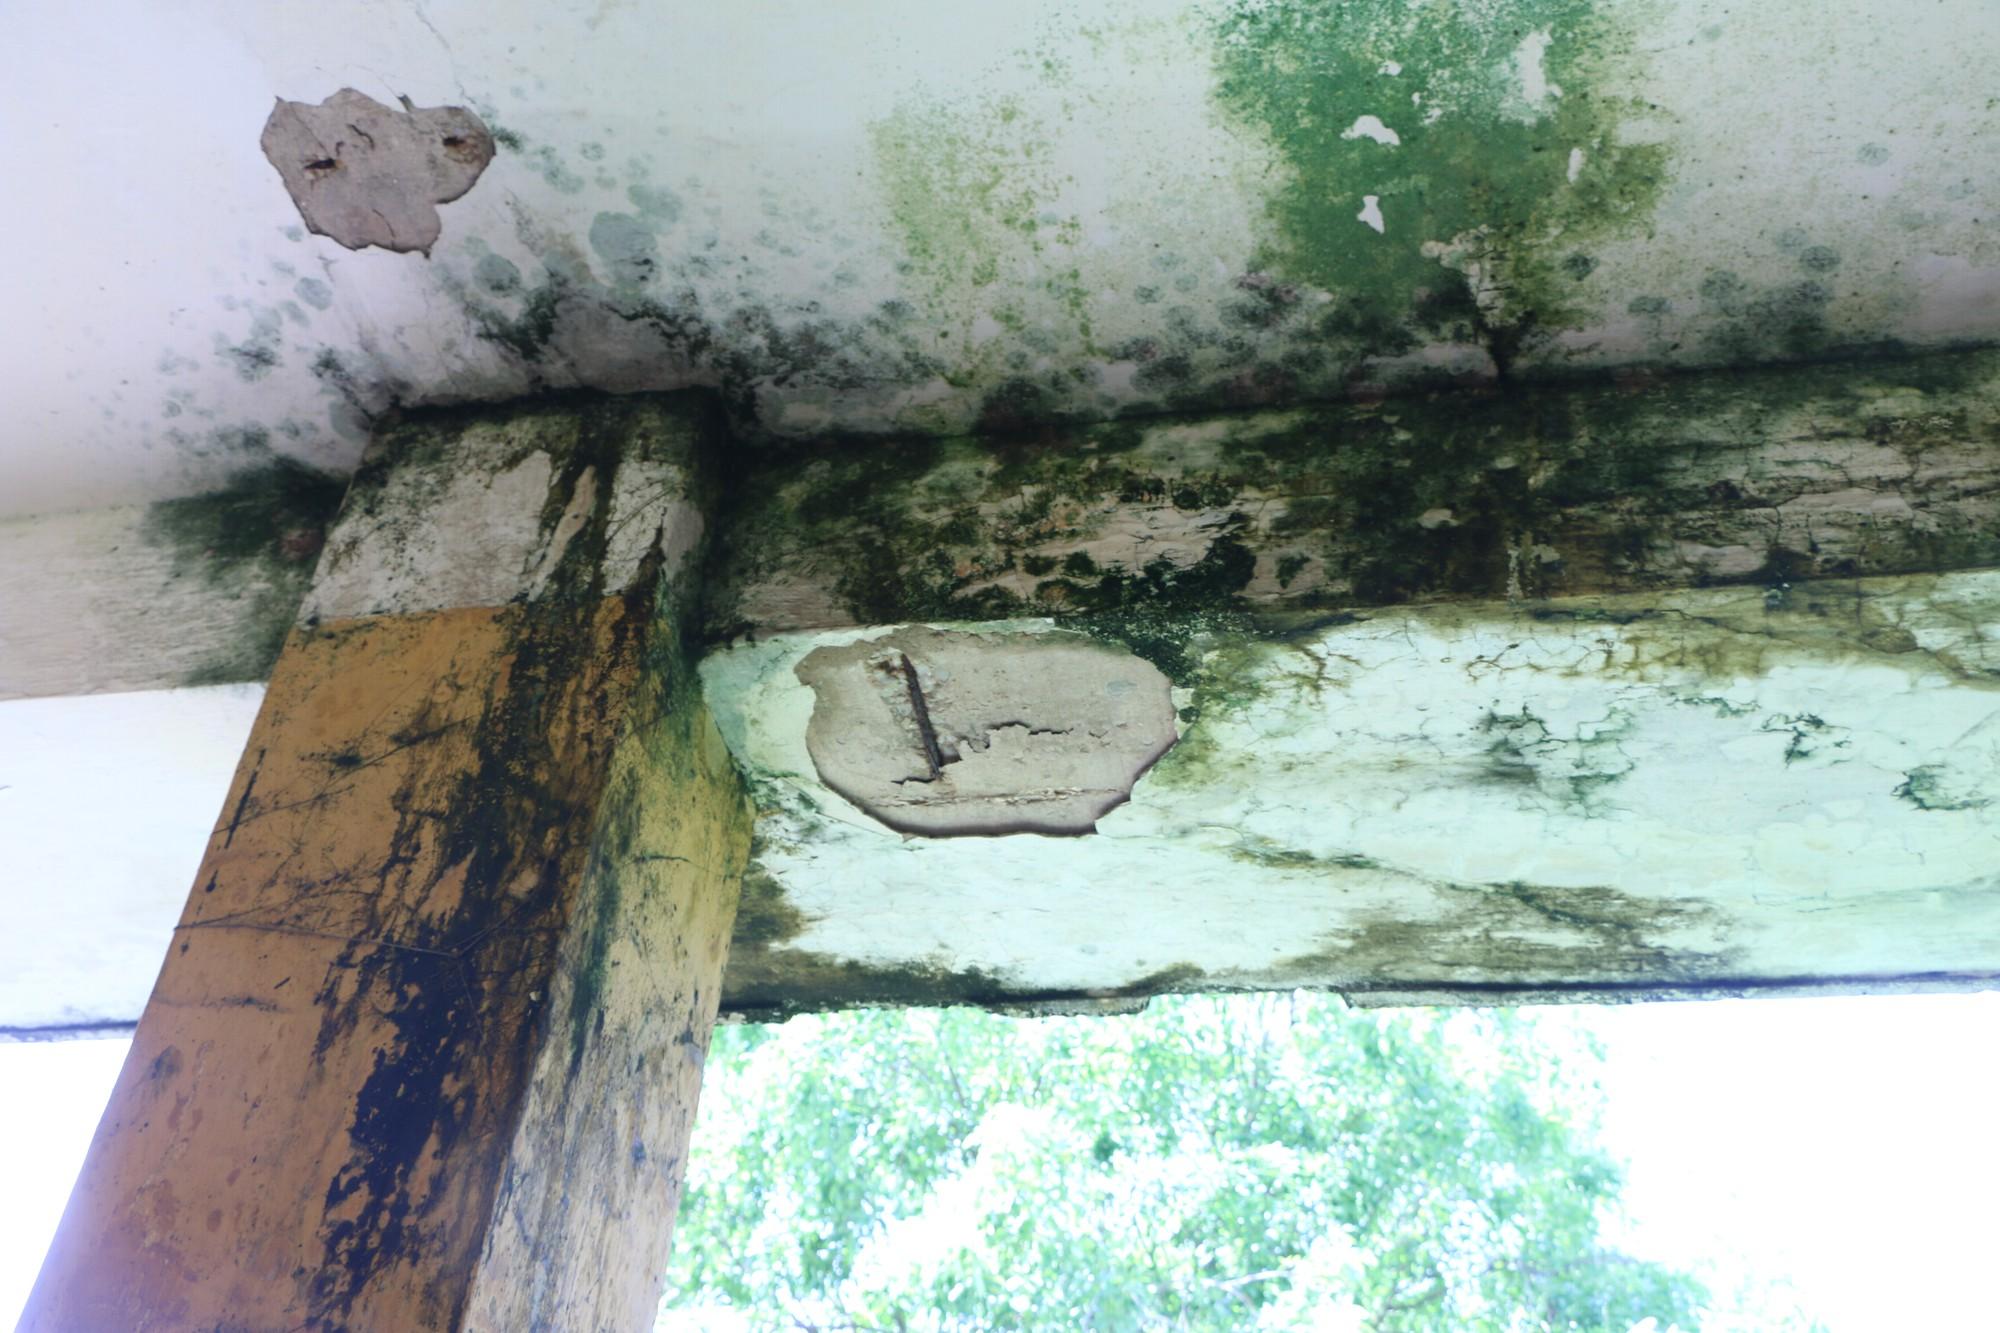 Vữa trần rơi, lan can được rào tạm bằng dây thép gai, ngôi trường cấp 3 giữa Hà Nội có nguy cơ đổ sập  - Ảnh 13.